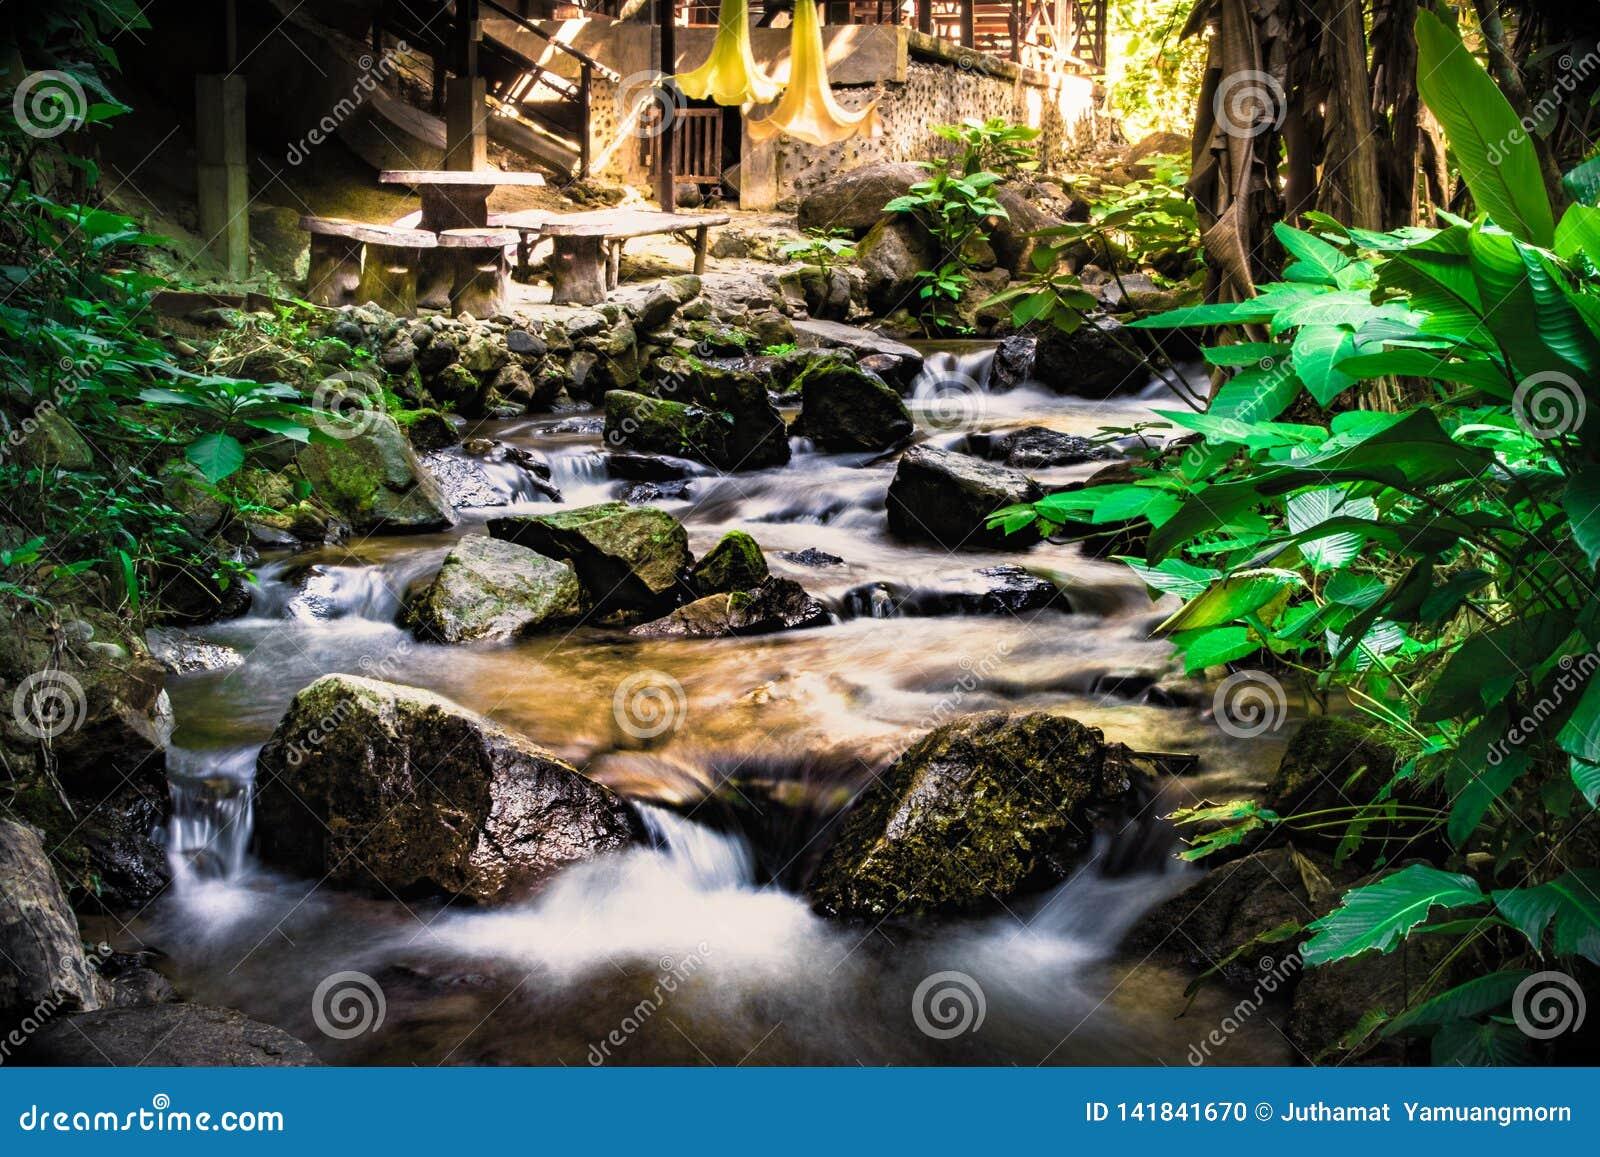 As cachoeiras naturais do inverno, opiniões do rio, parques luxúrias da floresta, fundo estão molhadas com rochas